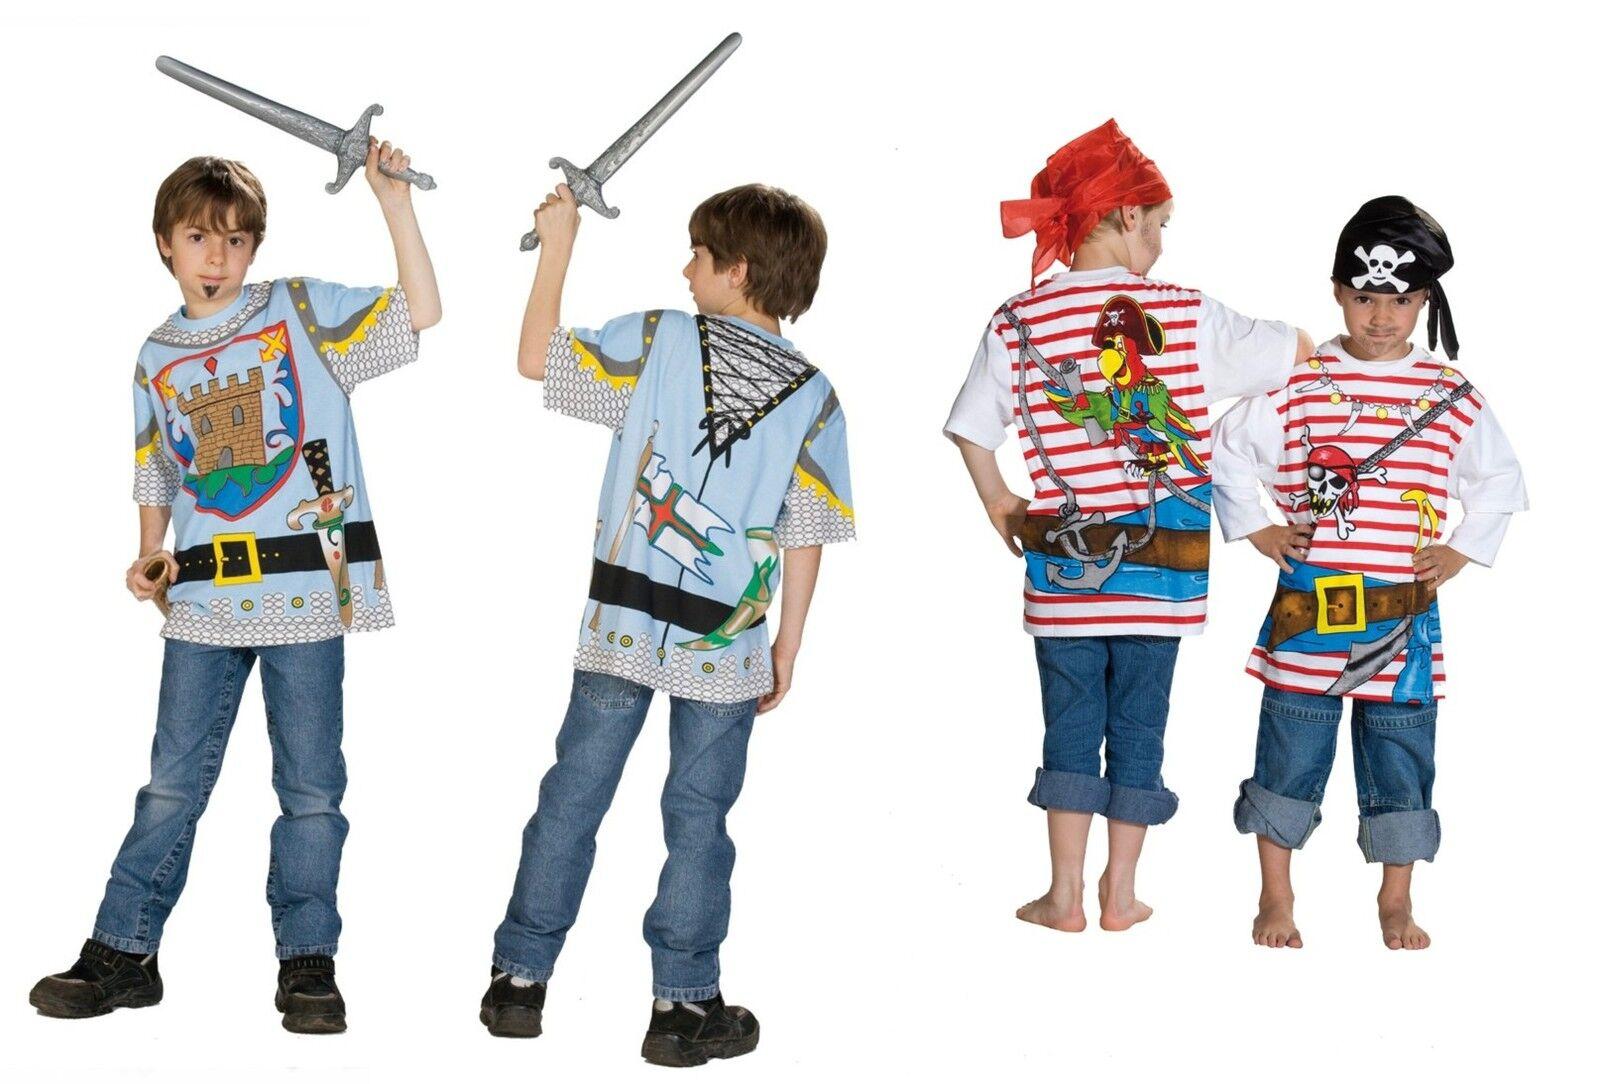 jungen kinder t shirt spielshirt kost m ritter pirat piraten 100 baumwolle neu ebay. Black Bedroom Furniture Sets. Home Design Ideas